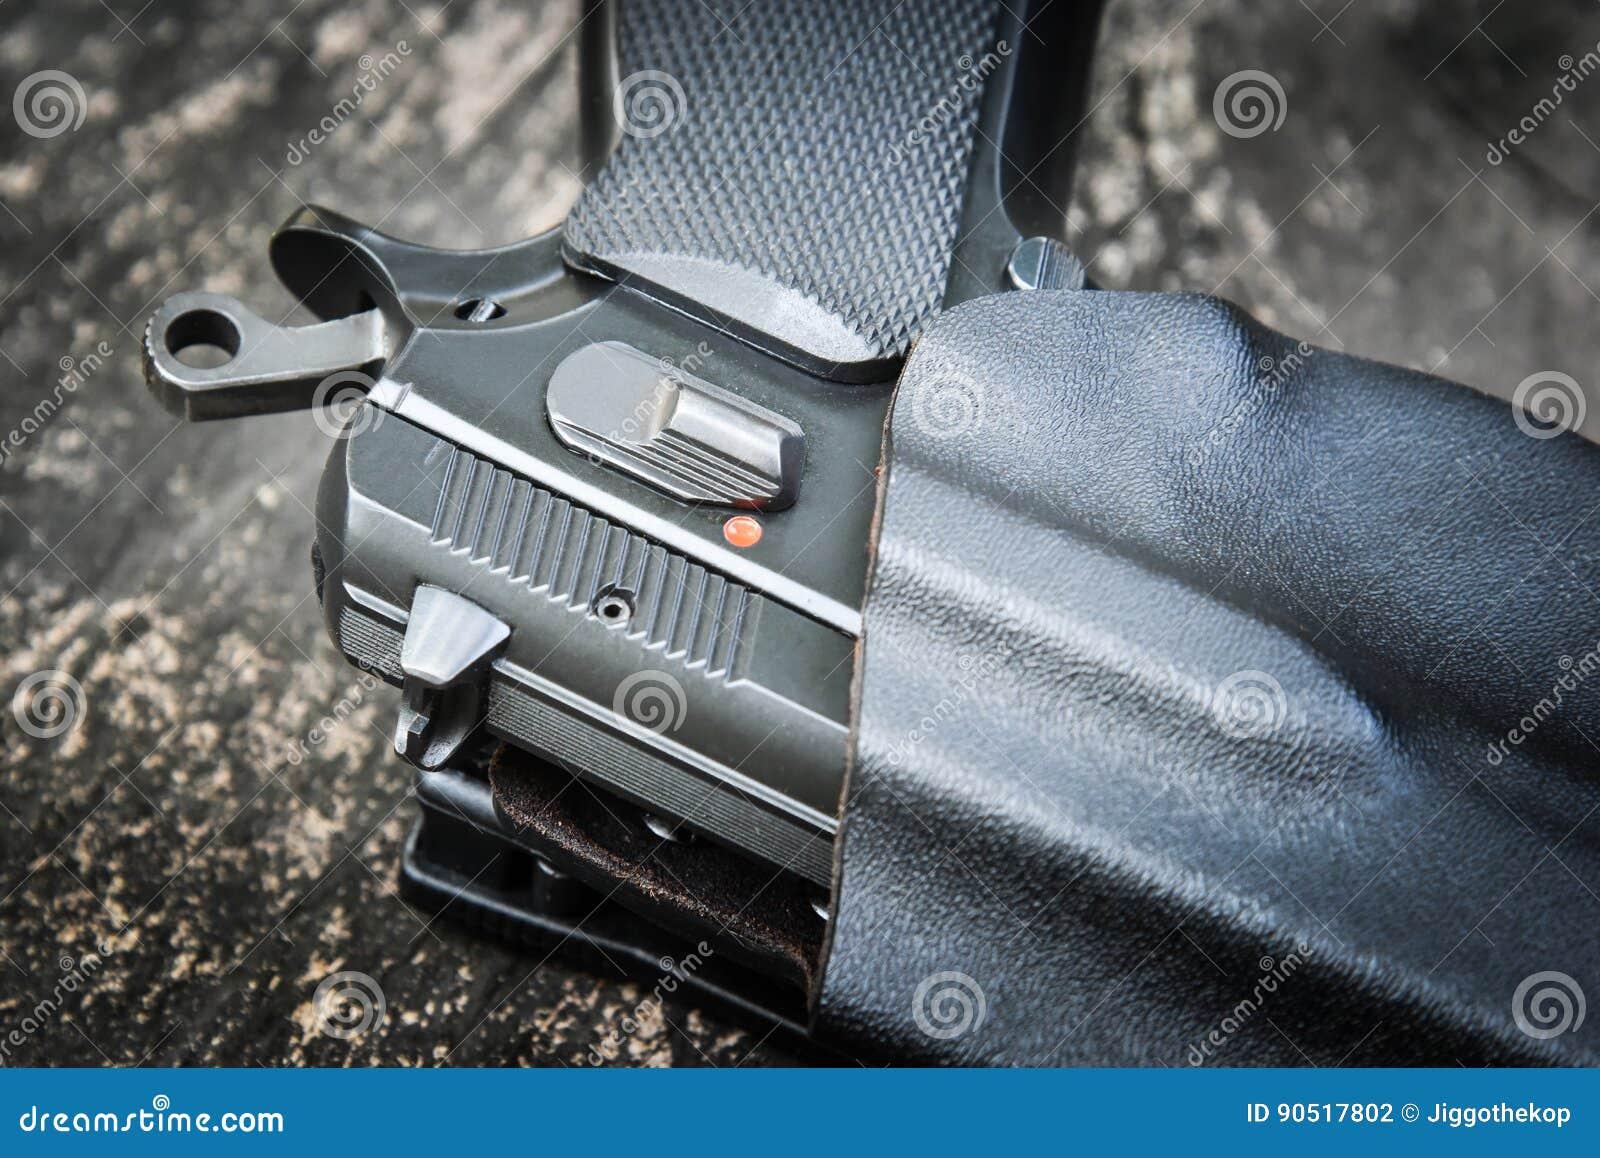 Handeldvapen i pistolhölster